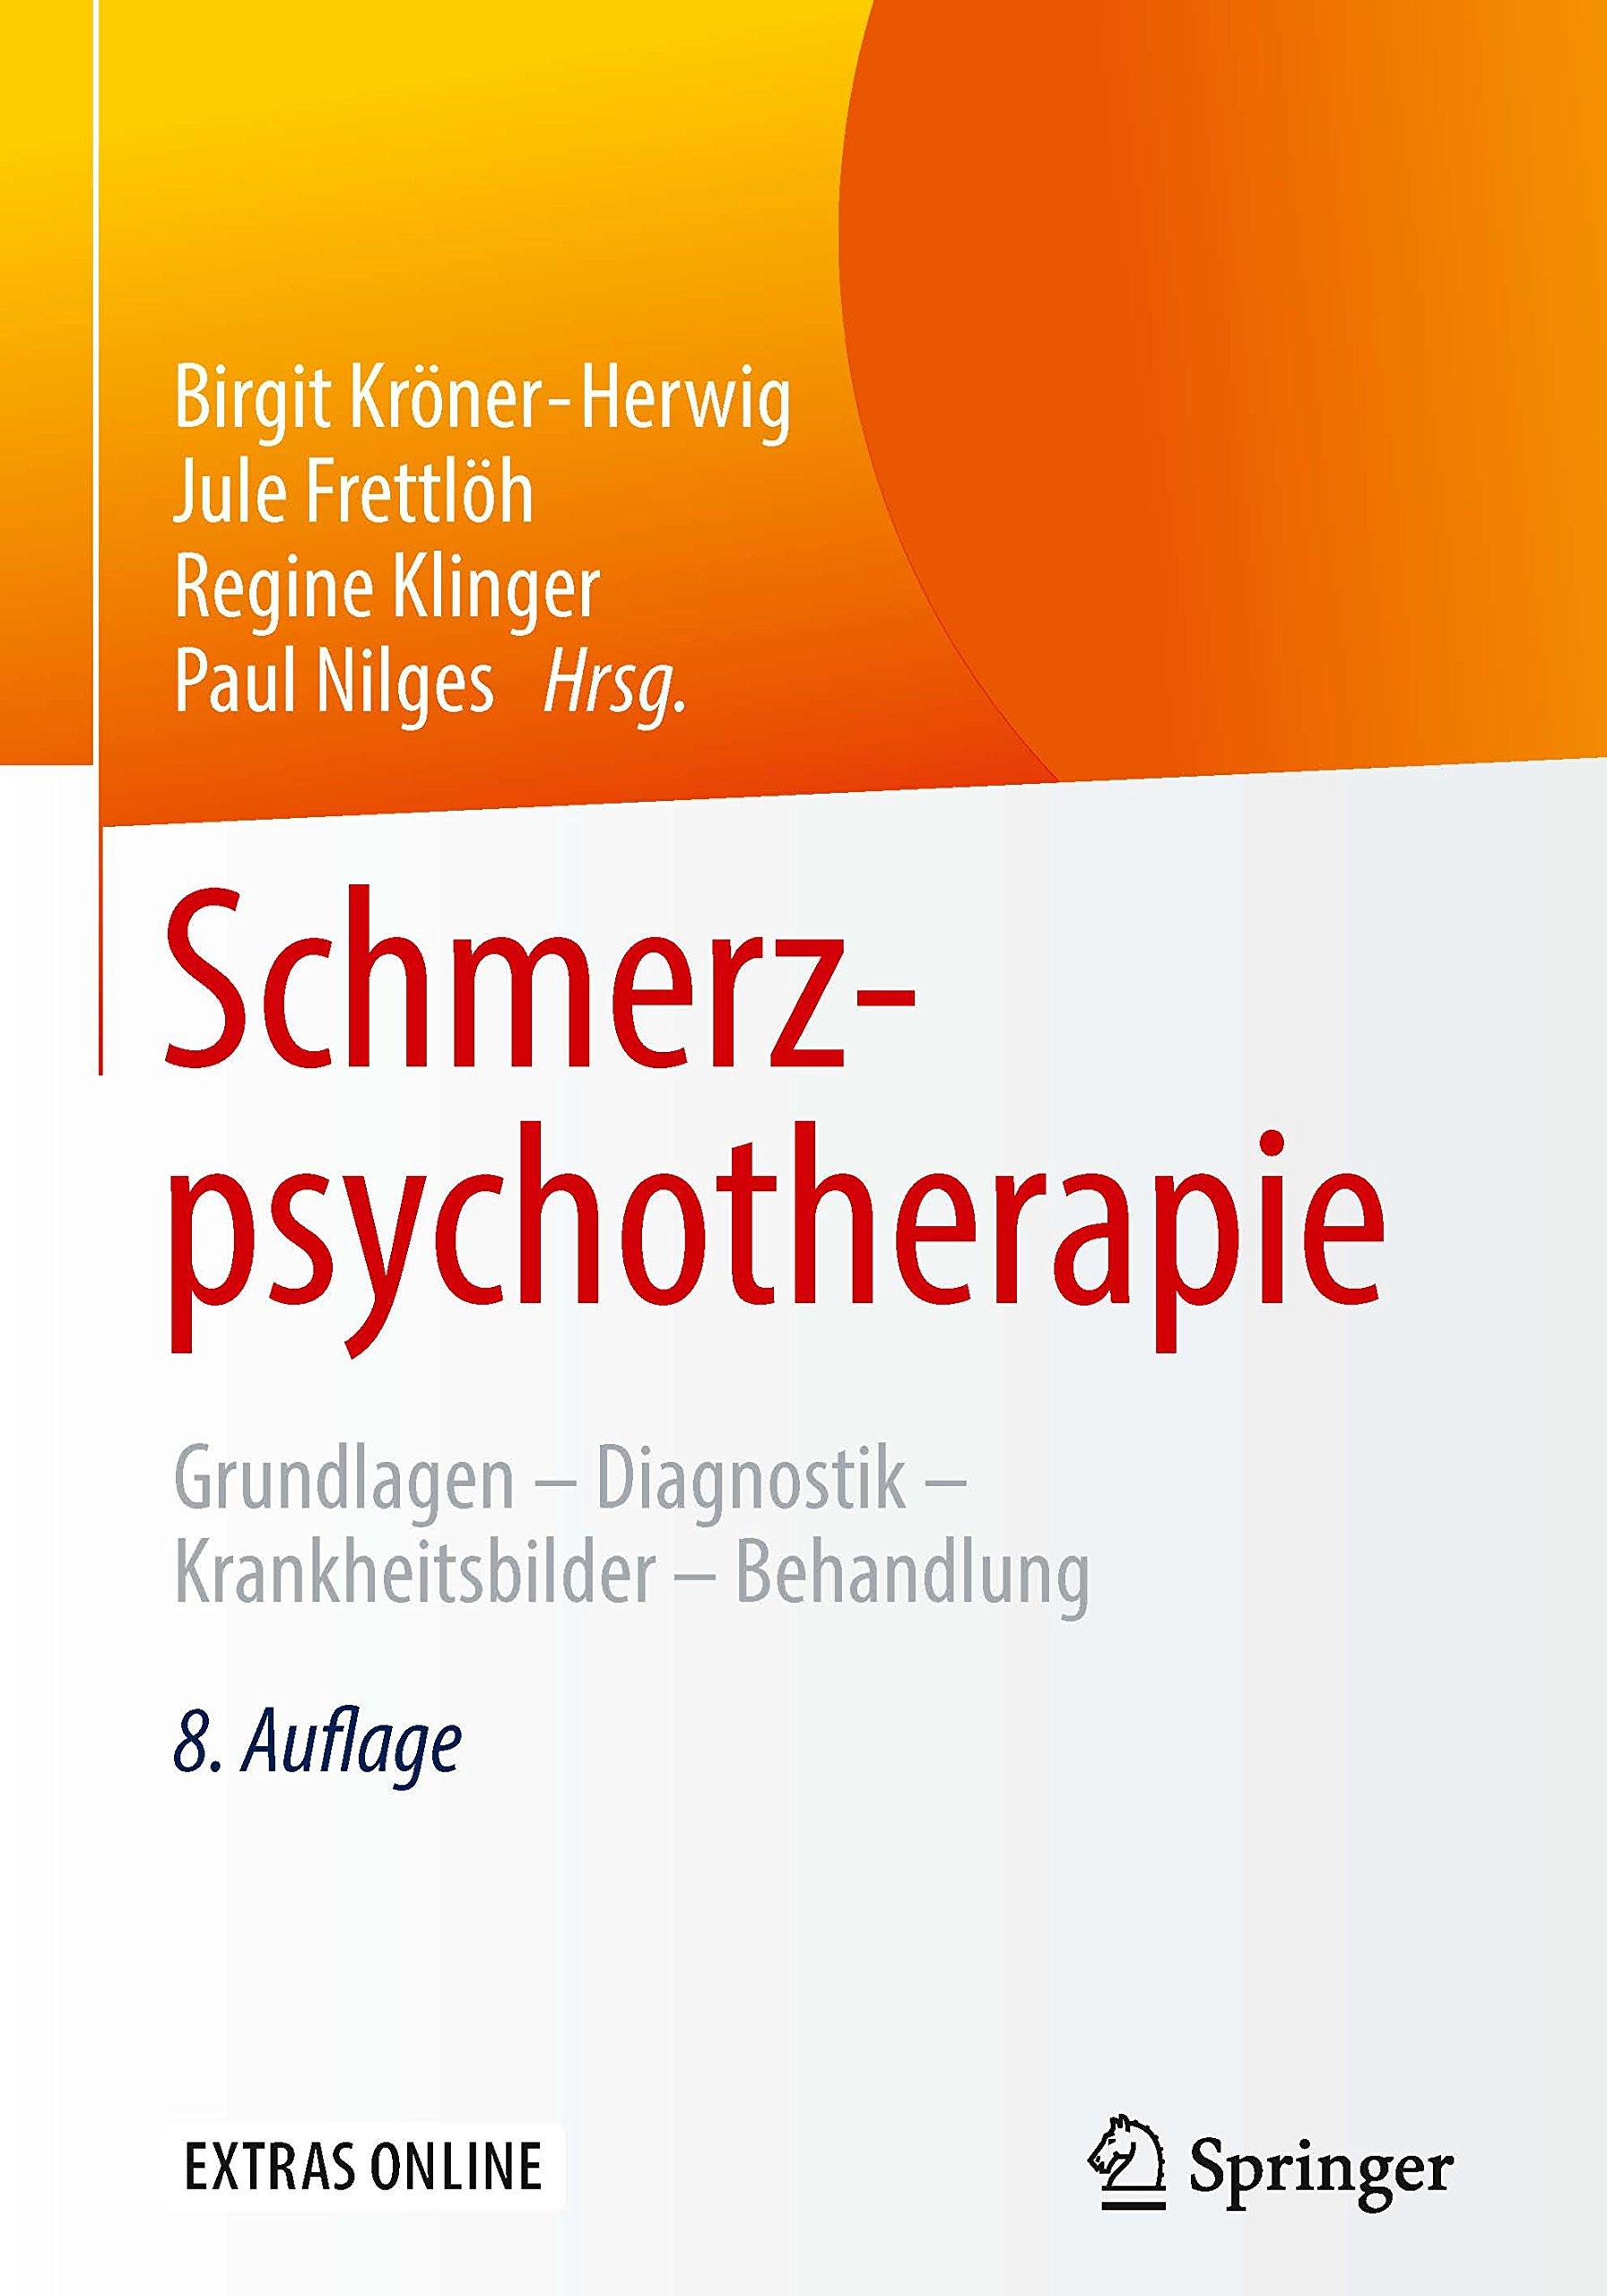 Schmerzpsychotherapie  Grundlagen   Diagnostik   Krankheitsbilder   Behandlung